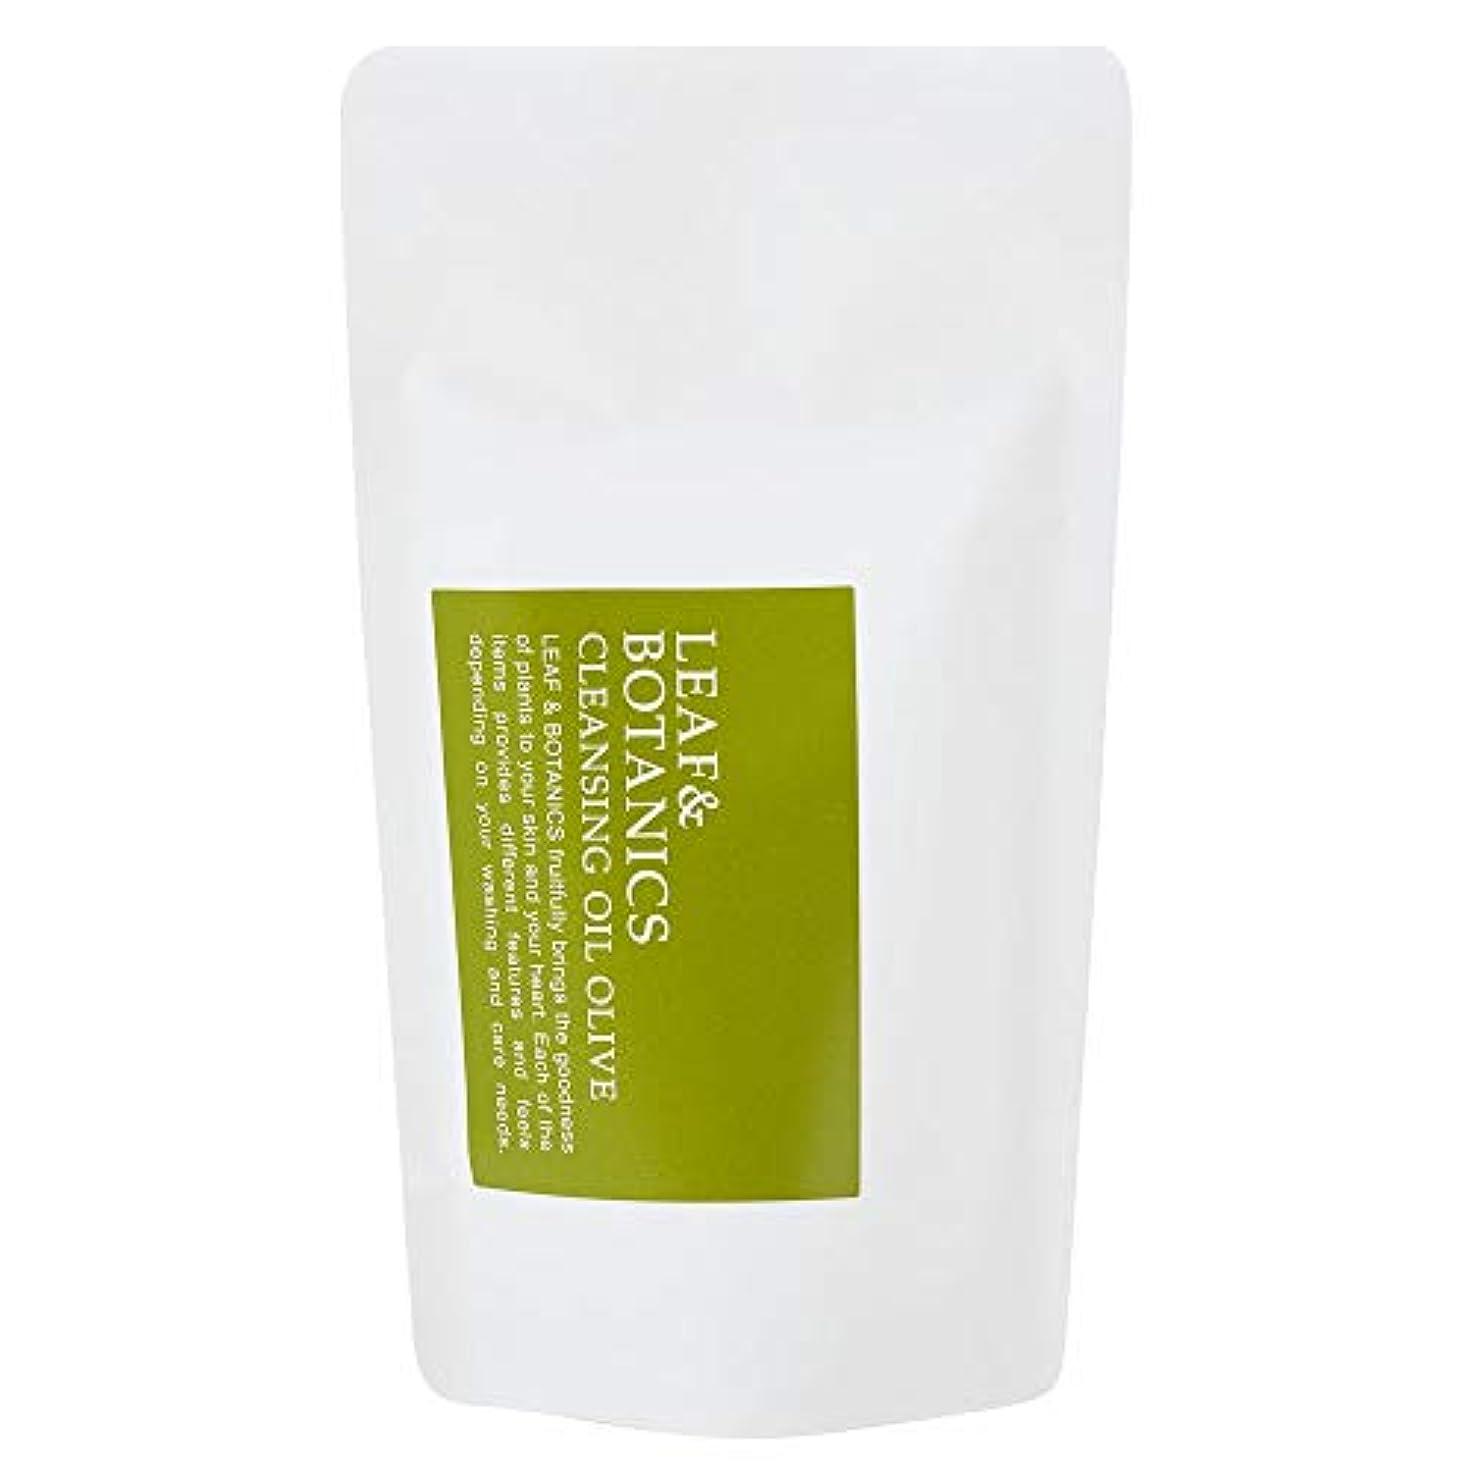 怠感小麦粉固有のリーフ&ボタニクス クレンジングオイル オリーブ 詰替用 ブラッドオレンジ×ラベンダー 90ml